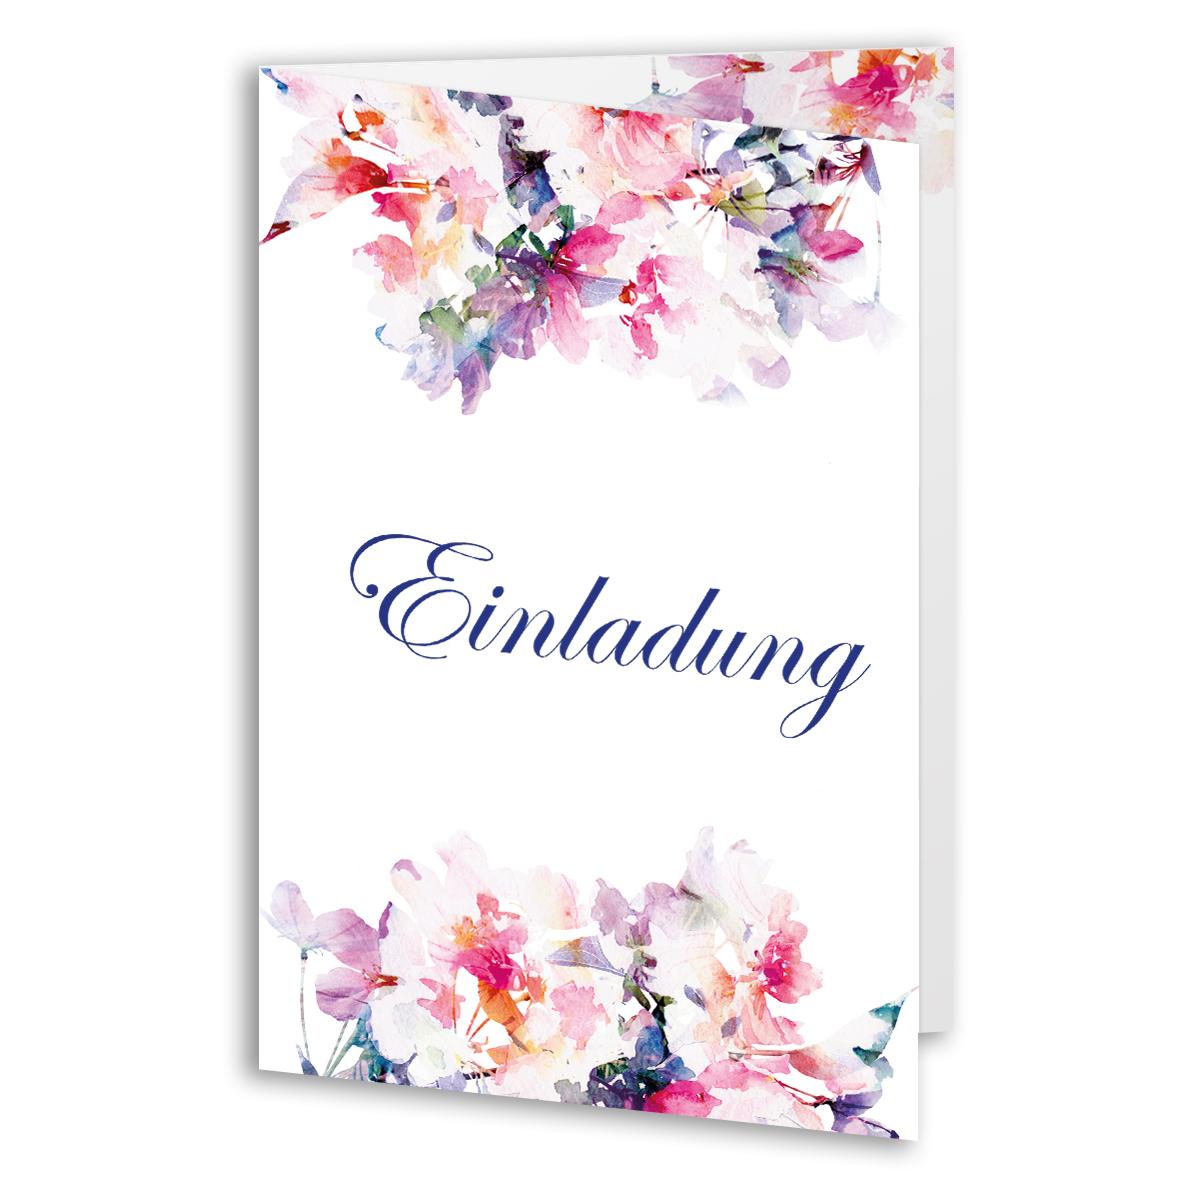 Einladungen zum Geburtstag Rosen Blumen Klappkarten Einladungskarten  eBay